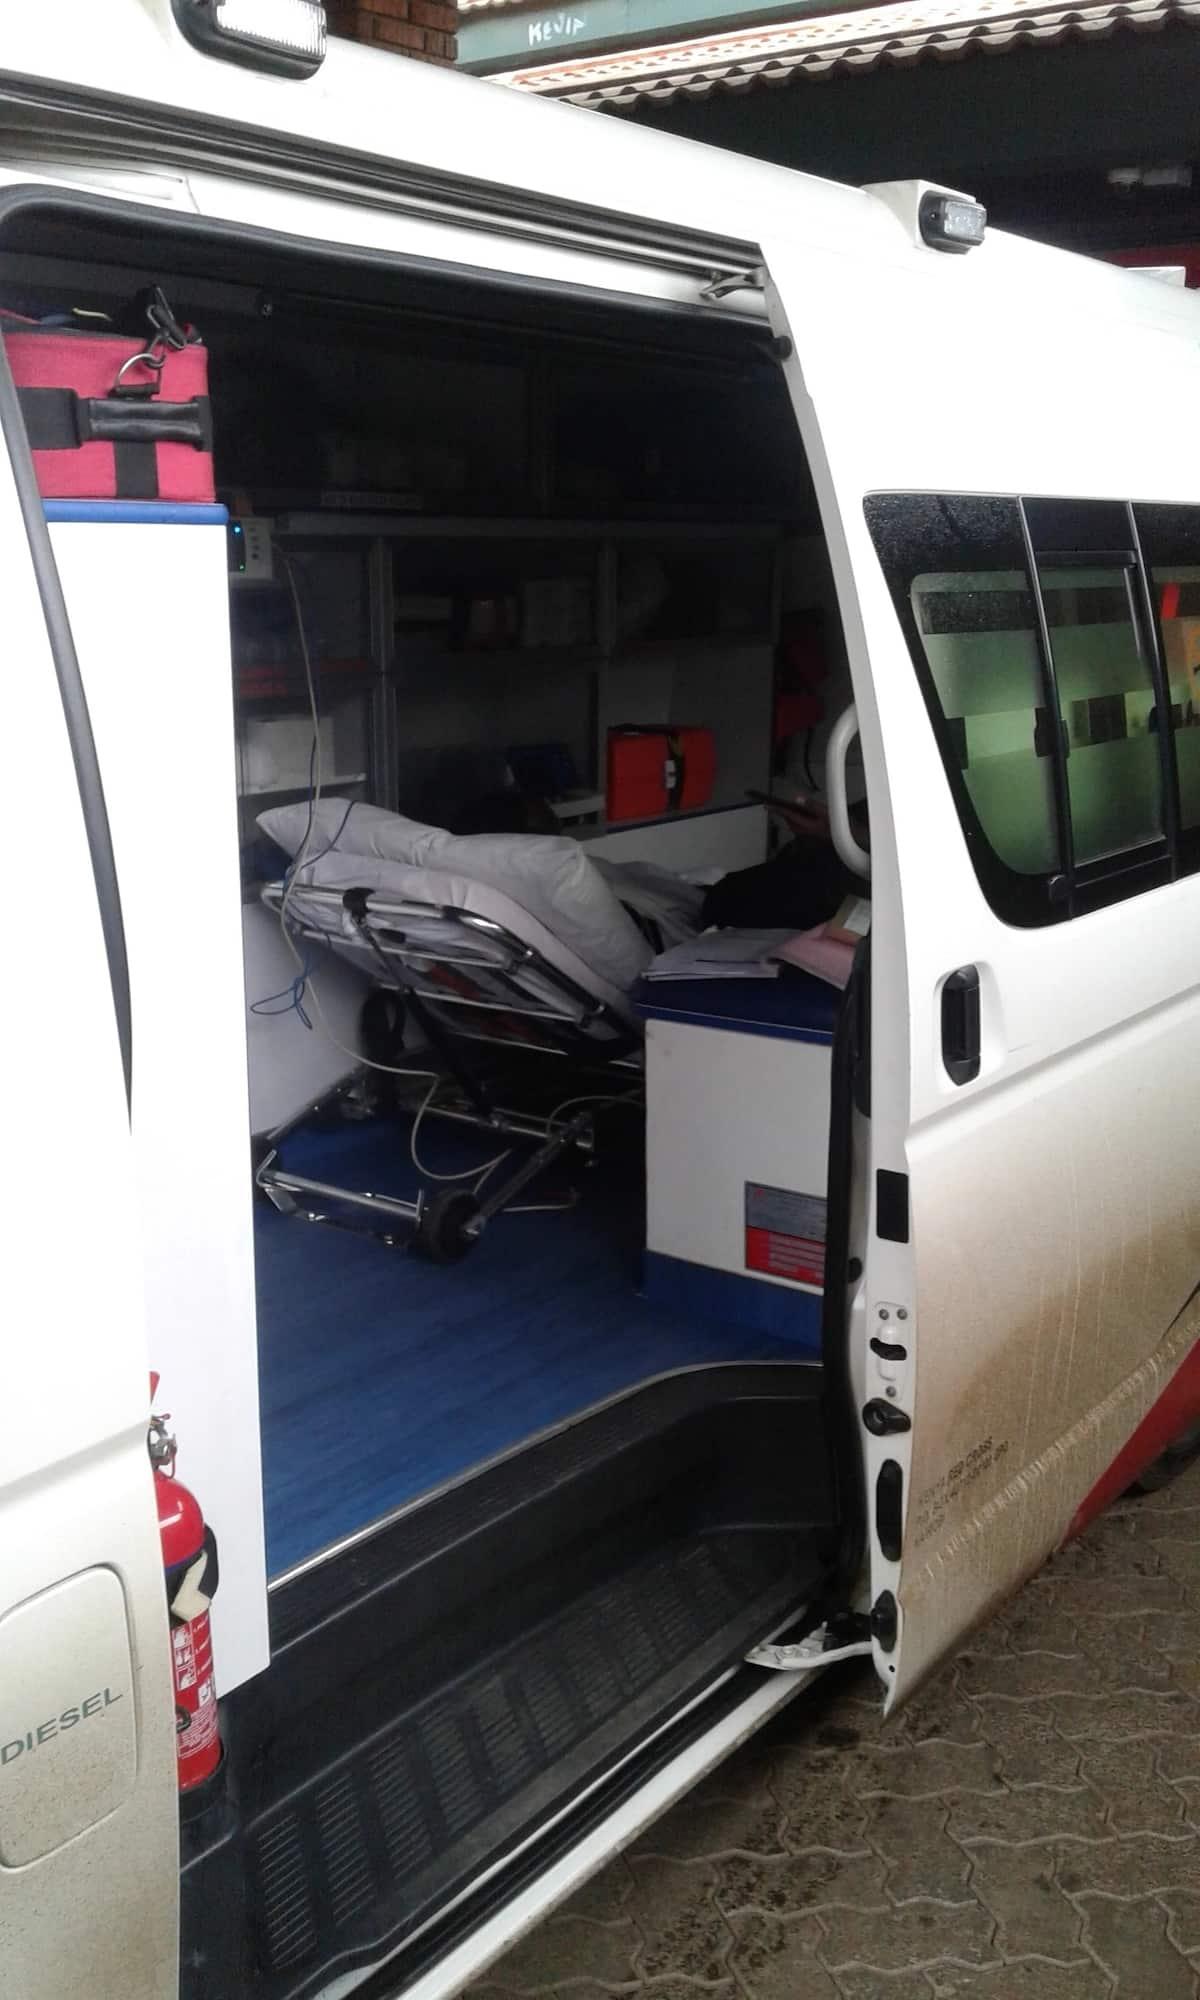 Msanii tajika Big Pin alazwa katika hospitali ya Aga Khan baada ya kuzirai